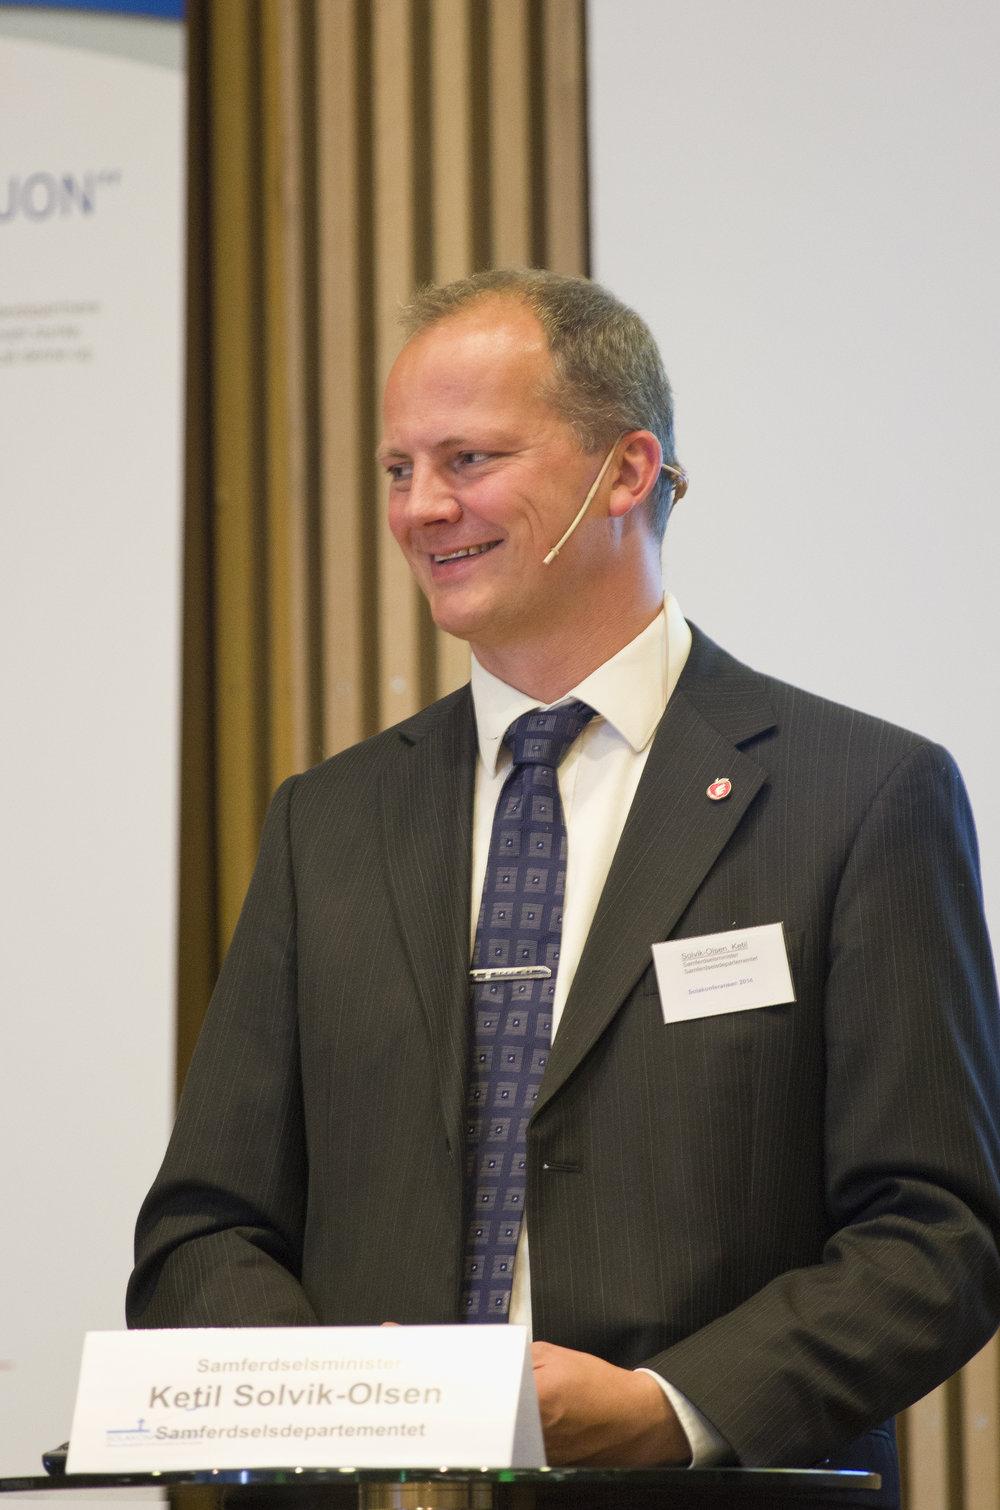 Ketil Solvik-Olsen (5).JPG